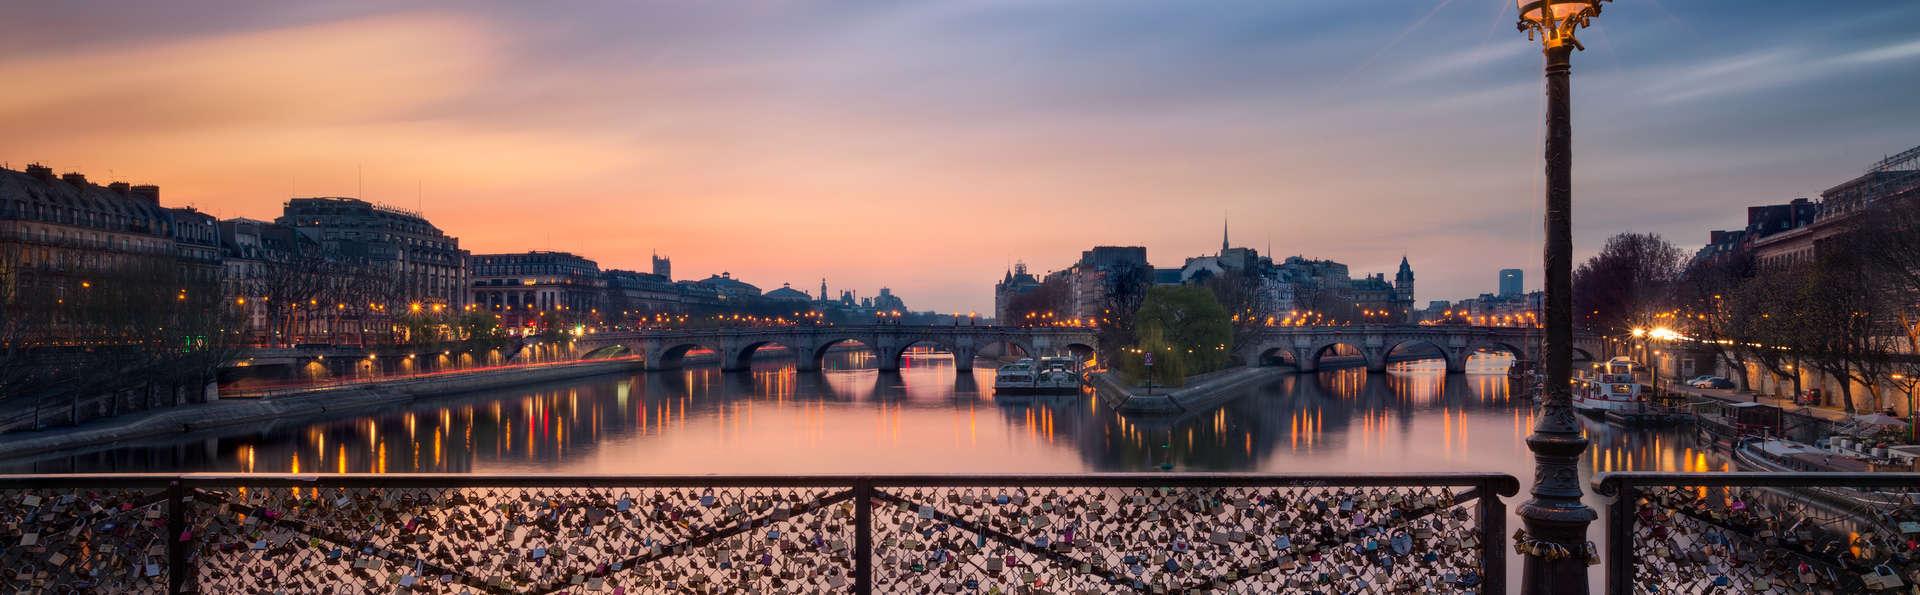 Romance poétique avec macarons en chambre au cœur de Paris